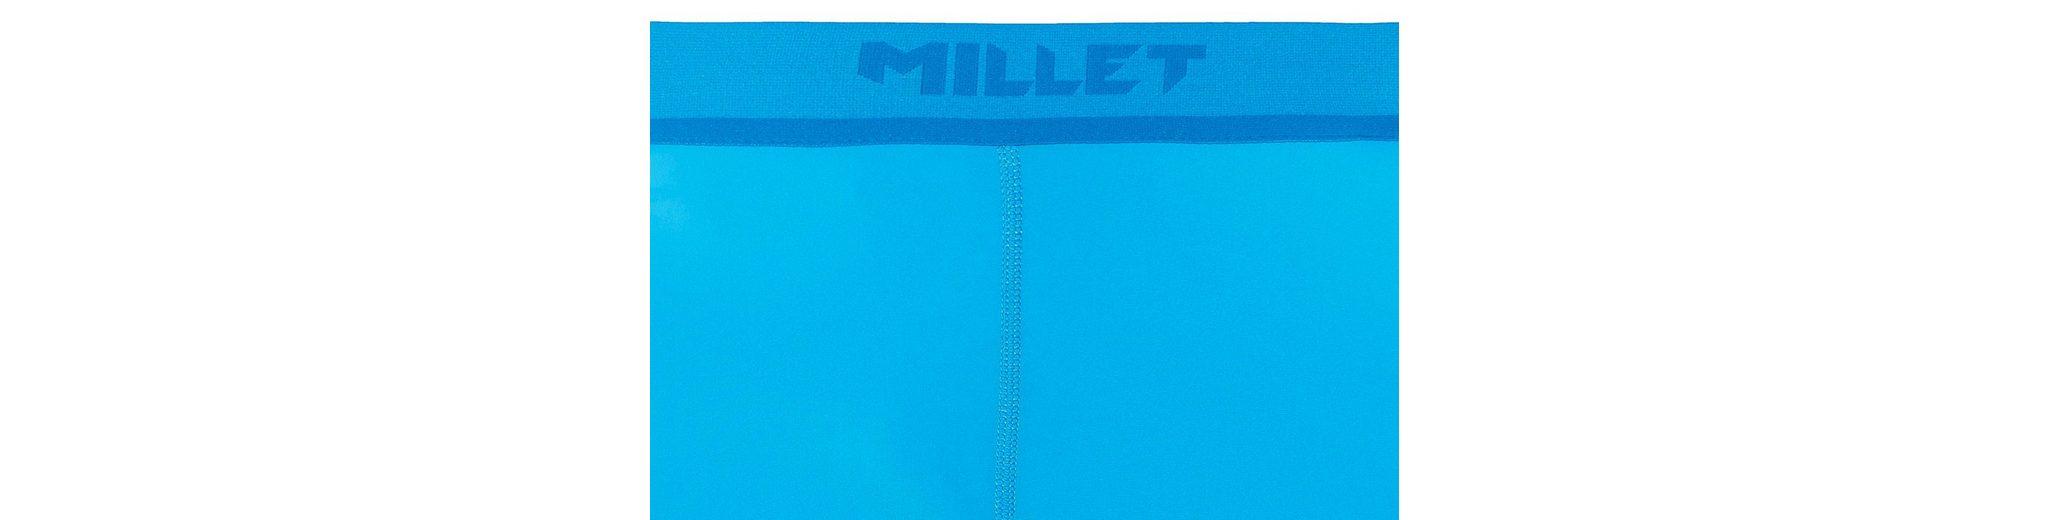 Footlocker Bilder Rabatt Günstigsten Preis Millet Hose LTK Intense 3/4 Tight Men Factory-Outlet-Verkauf UNFIWrvpN